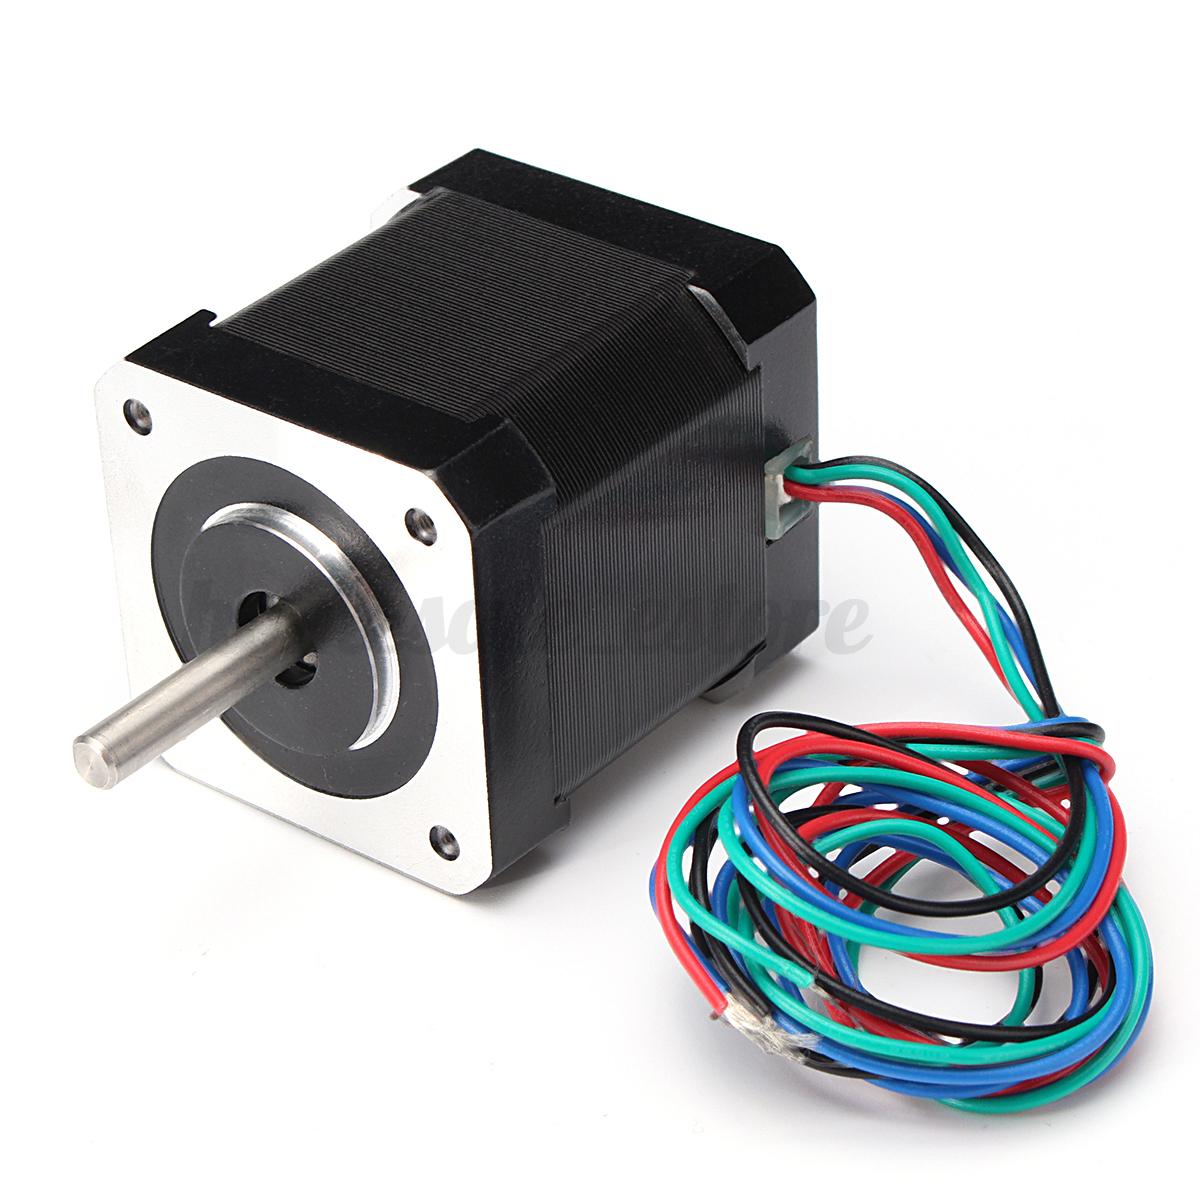 3d Printer Cnc Nema 17 Stepper Motor Bipolar 1 7a 59ncm